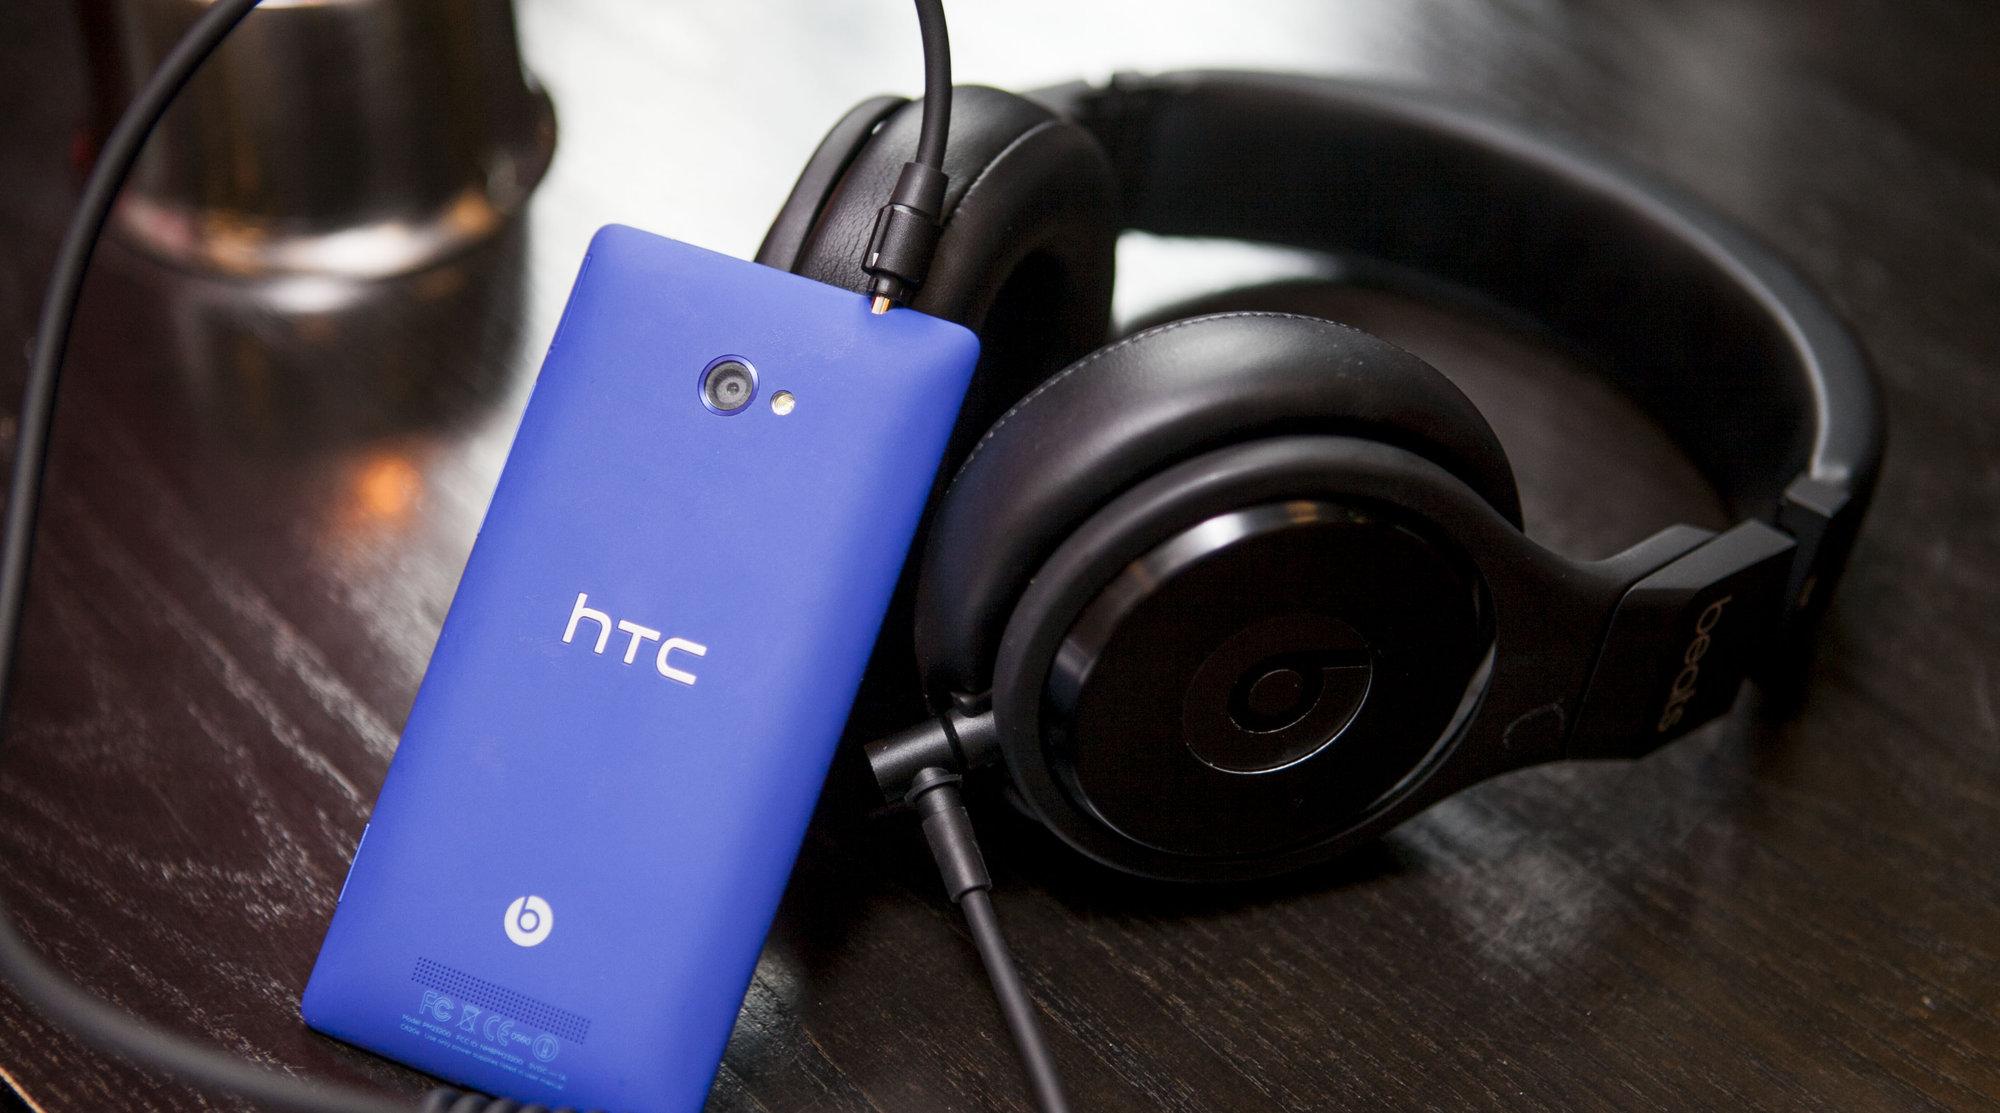 HTCs brennferske Windows Phone 8-telefon 8X kommer uten Spotify-mulighet. Årsaken er av mekanisk karakter, ifølge Spotify.